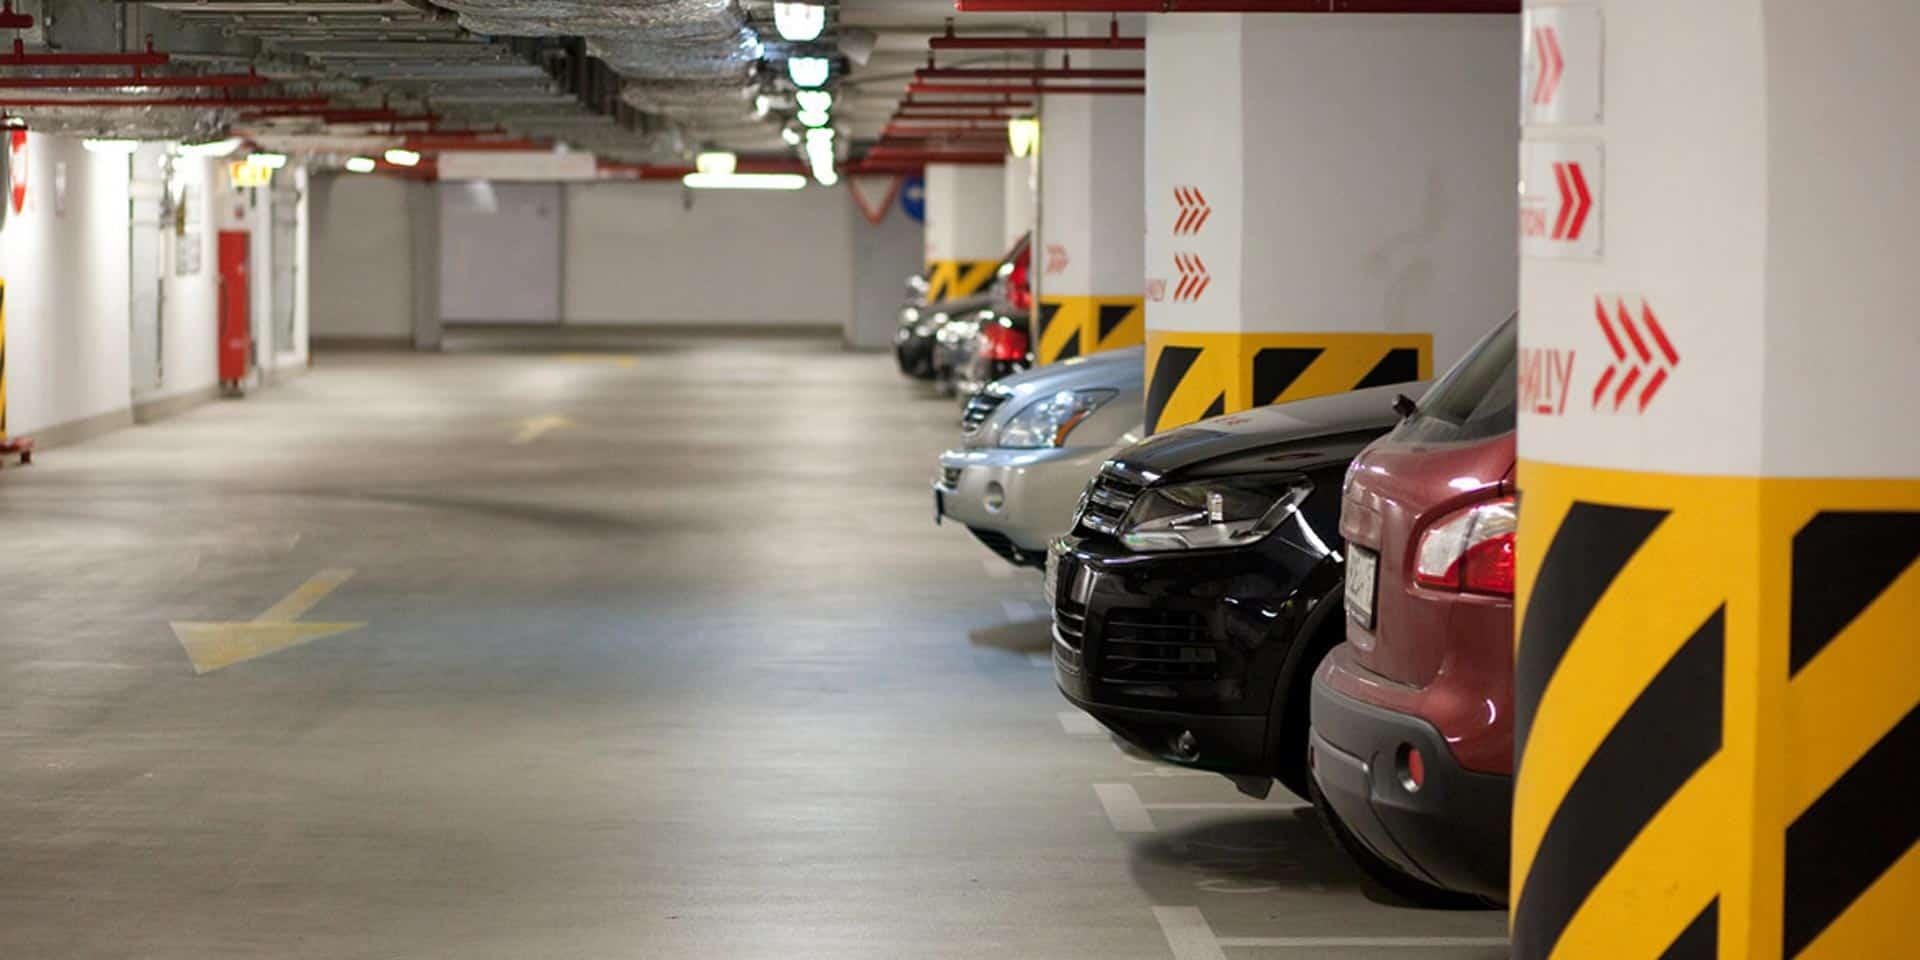 Аренда парковочного места в Москве и Санкт-Петербурге